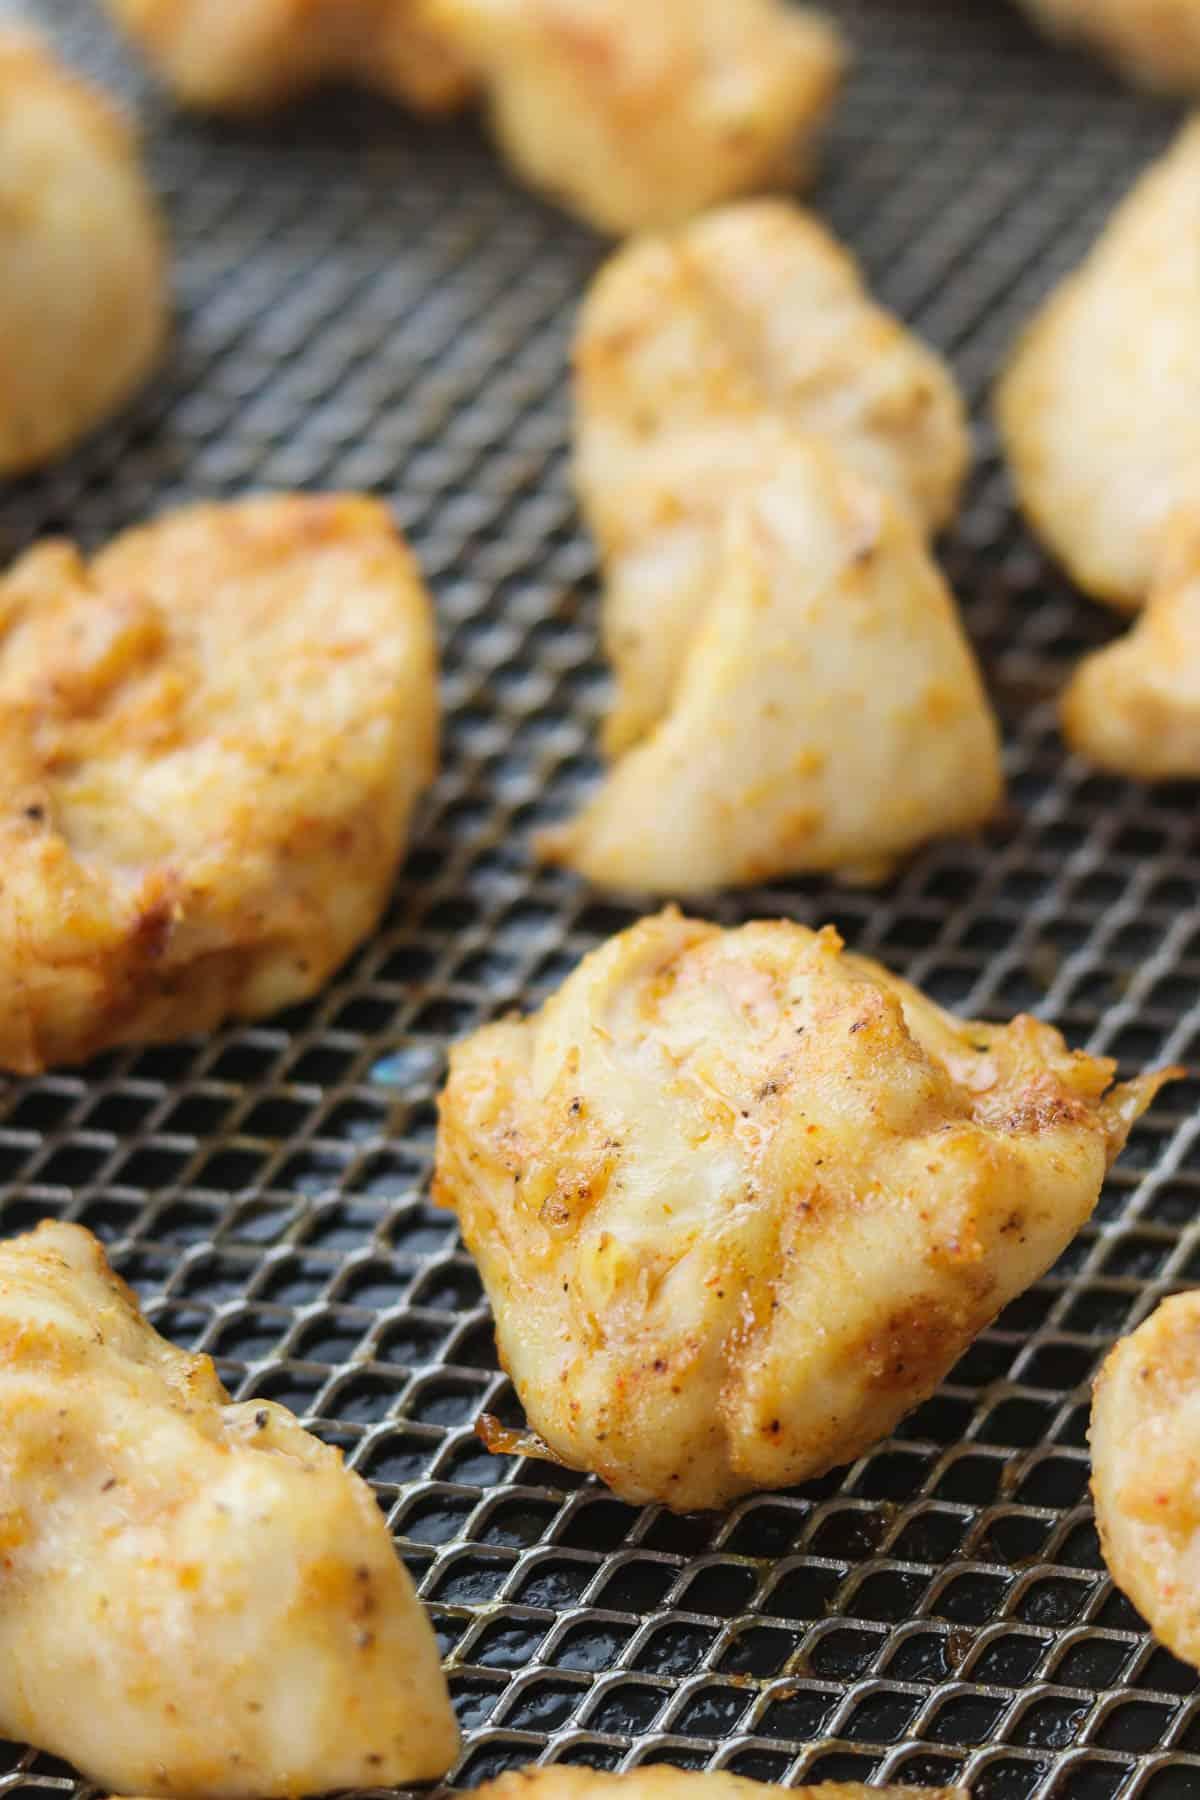 rotisserie chicken bites in air fryer basket